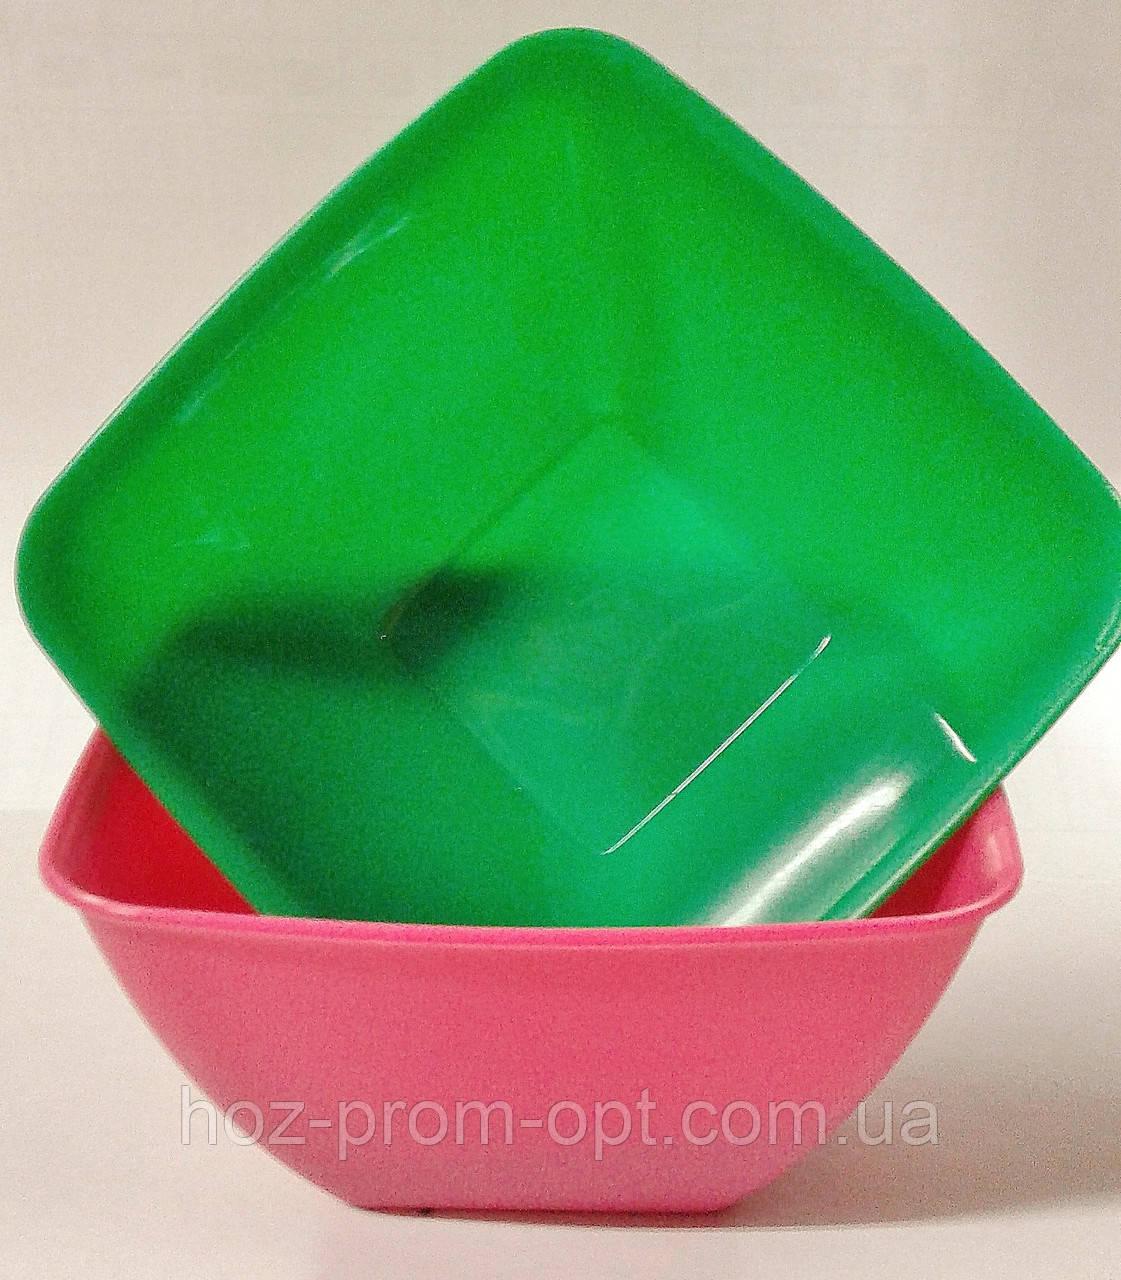 Салатник квадратный, 120*120*65, пластик.